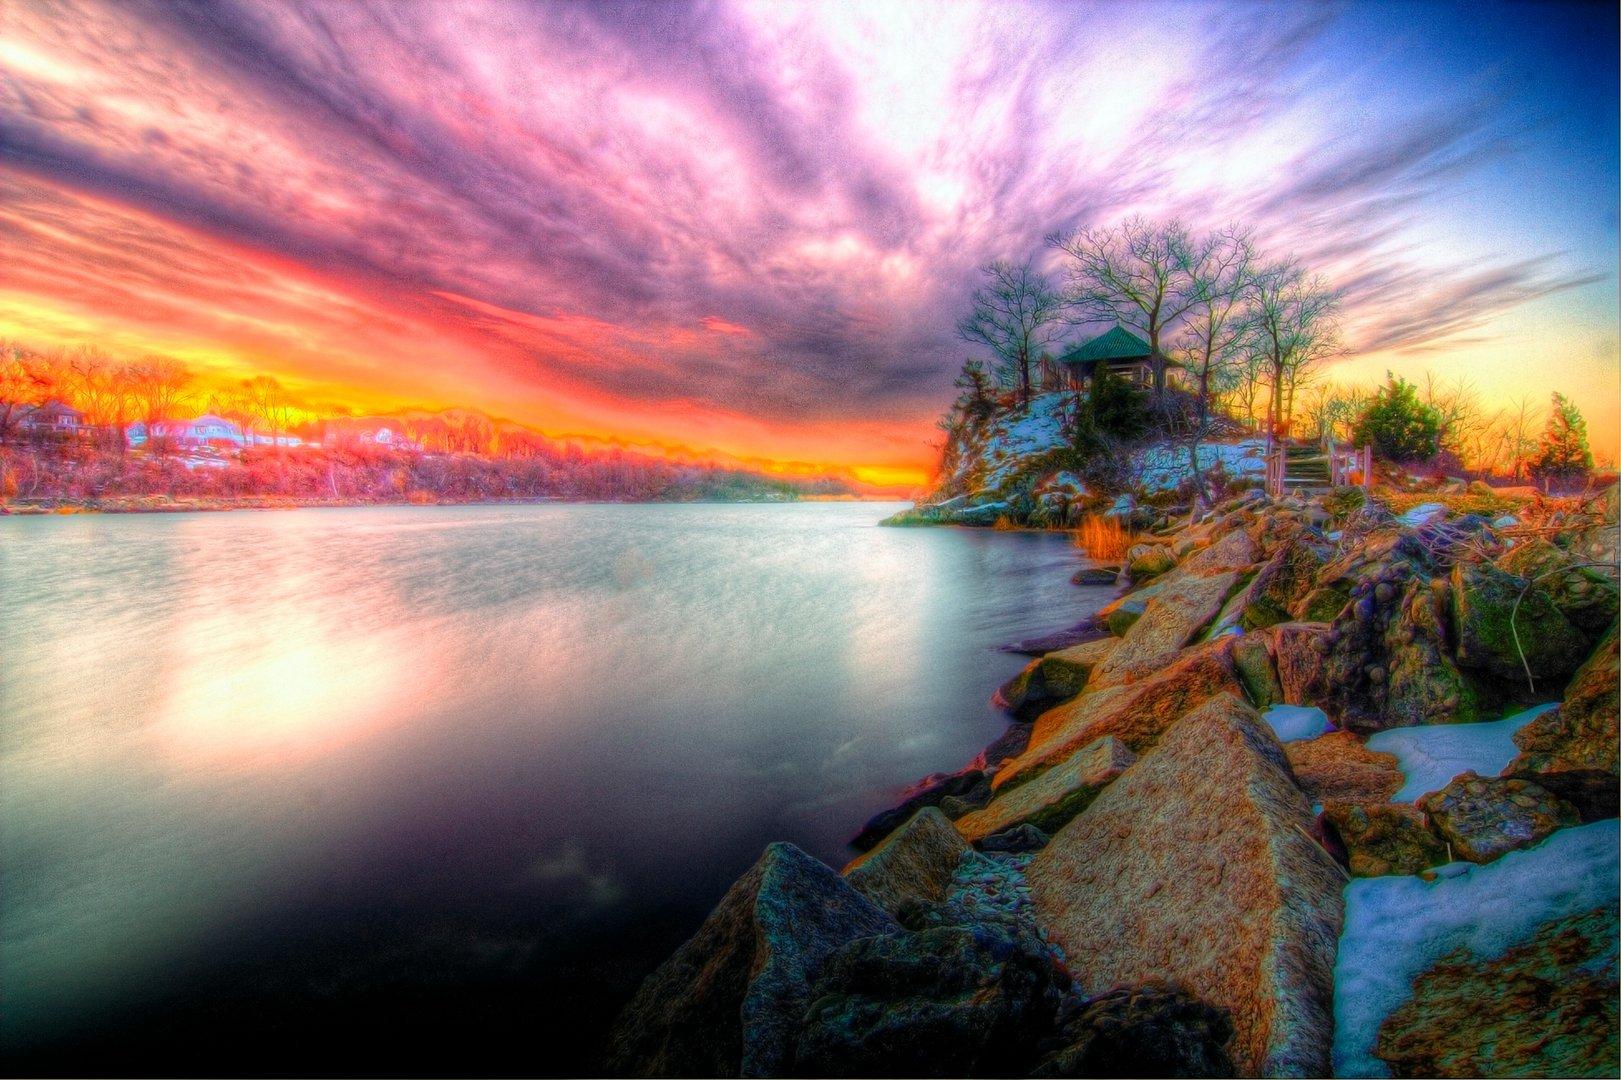 Download Sunset Wallpaper wallpaper 3D Sunset 1621x1080